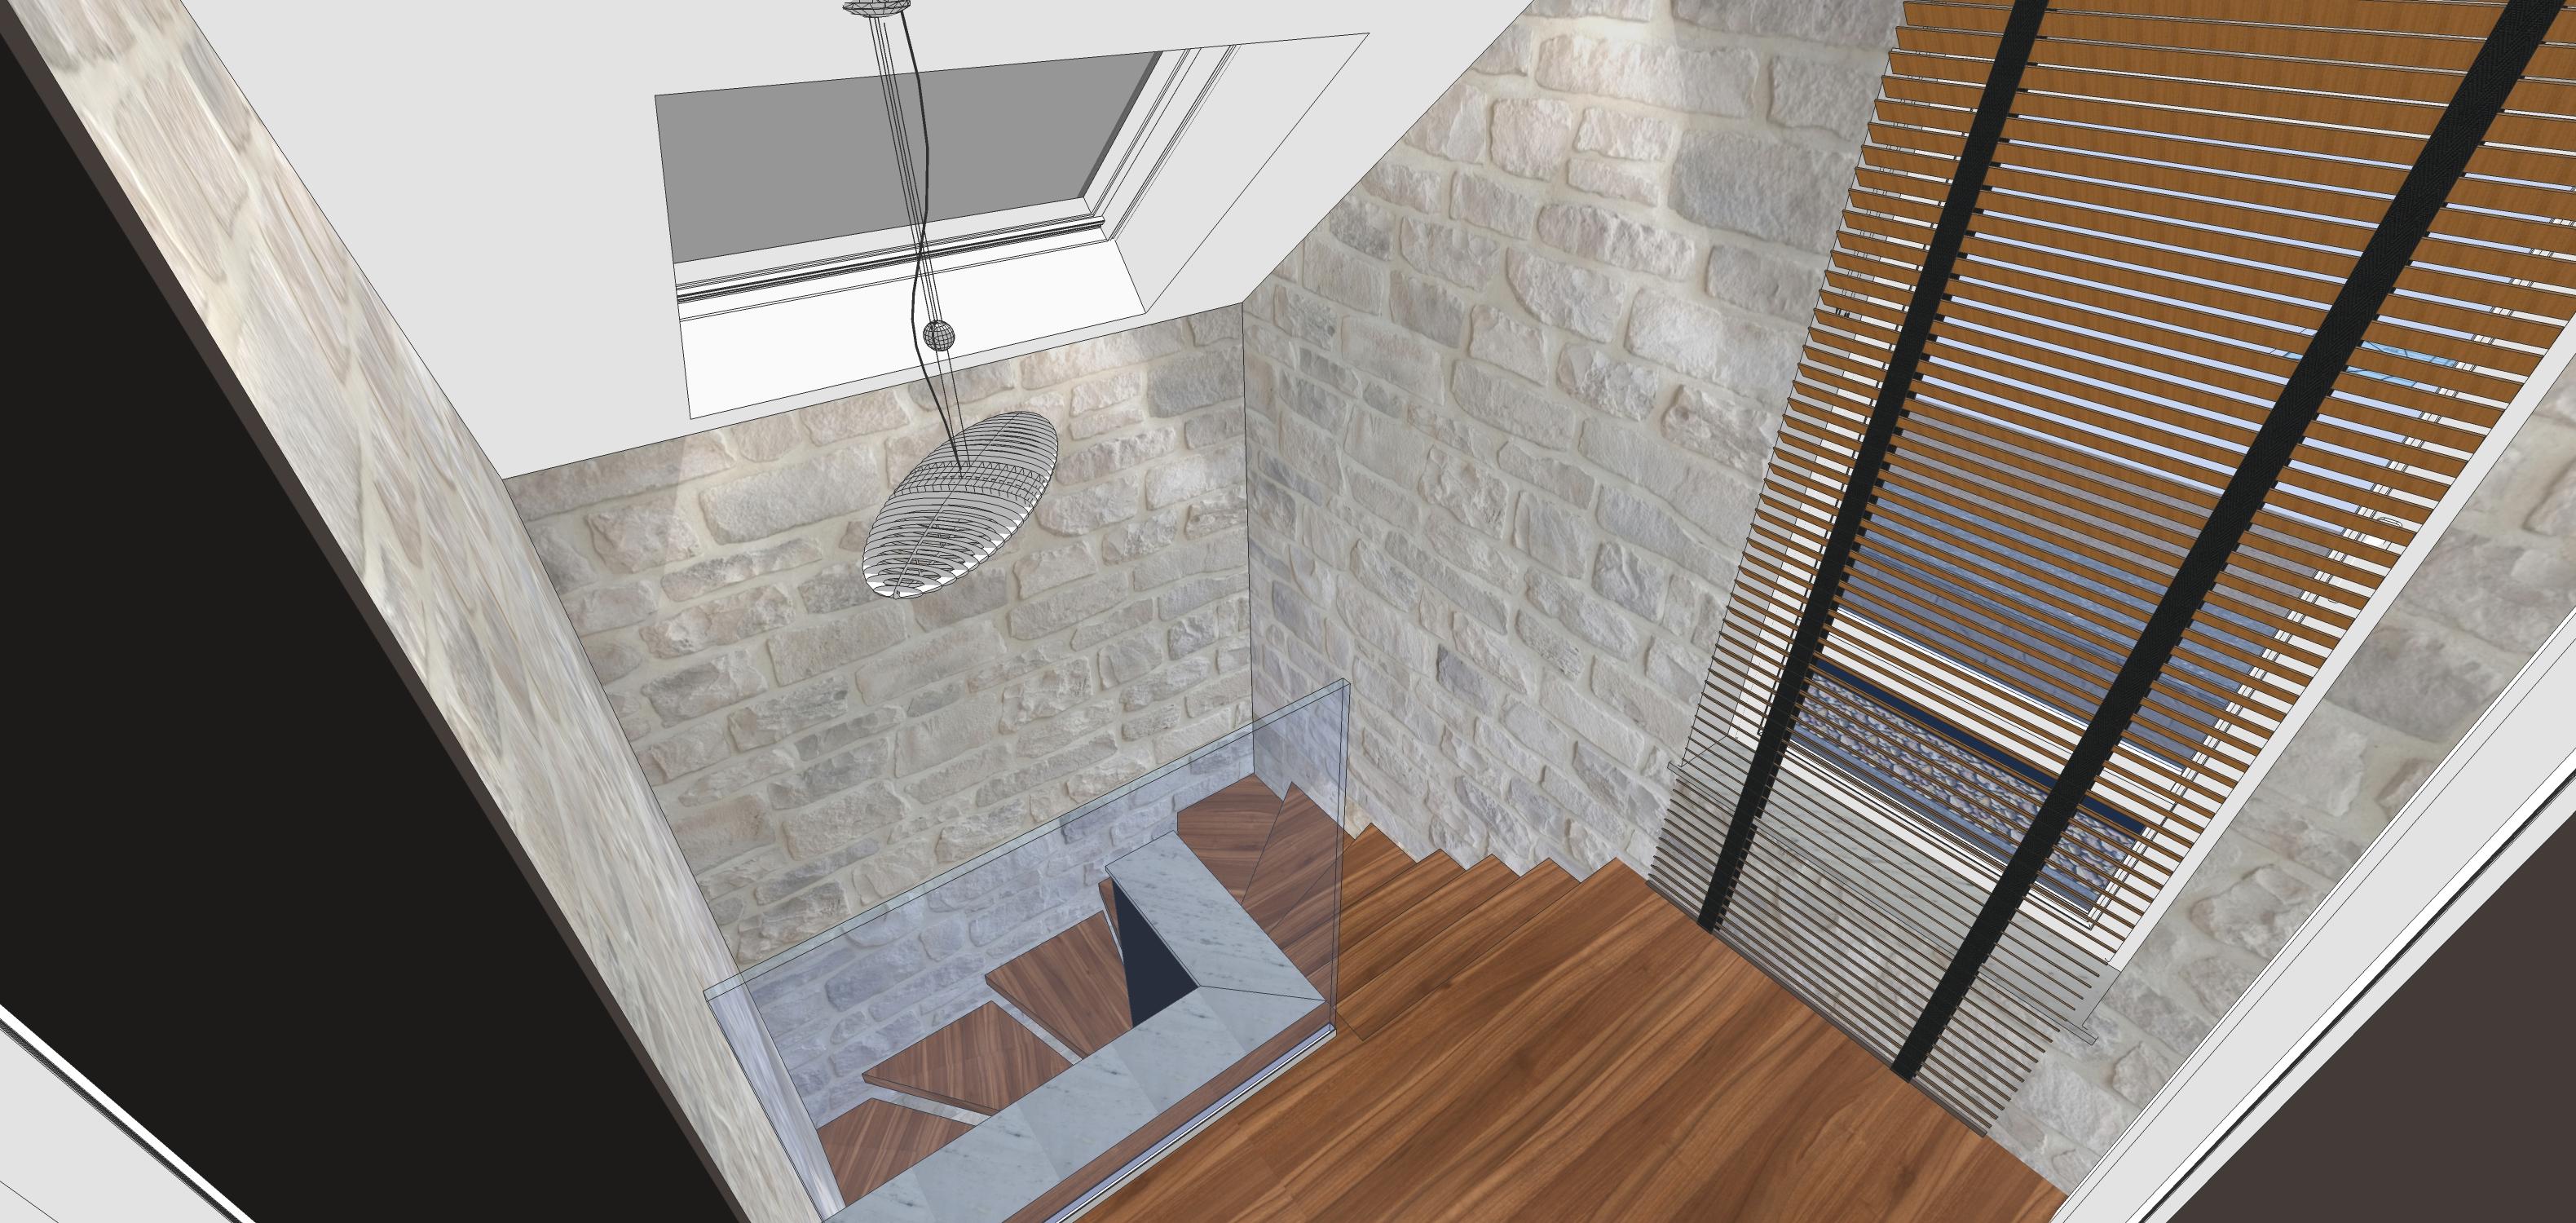 Huile Pour Escalier Hetre l'escalier - construction d'une maison thomas et piron